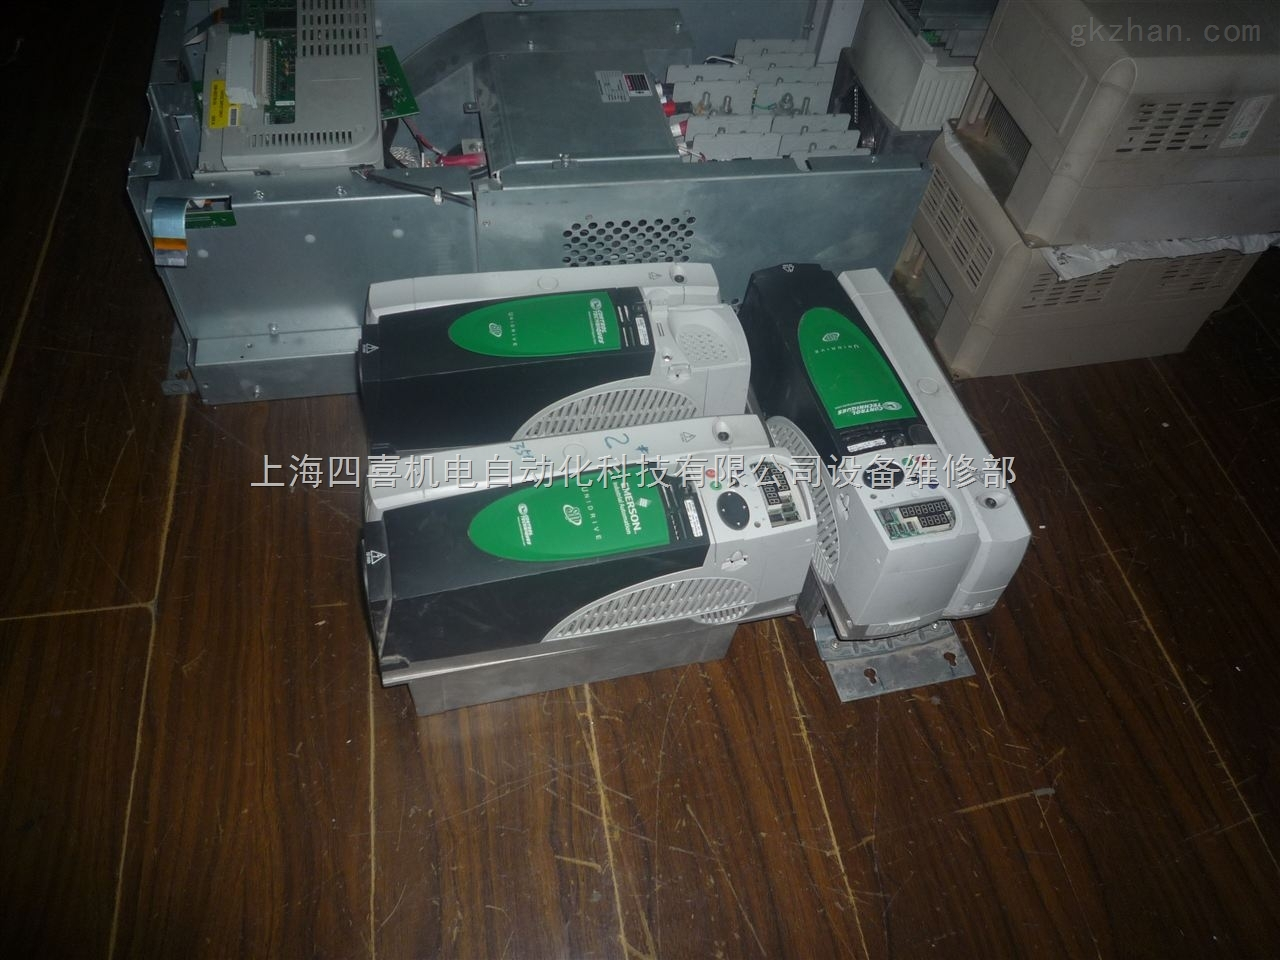 上海四喜艾默生变频器维修_变频与传动_变频器_电梯器